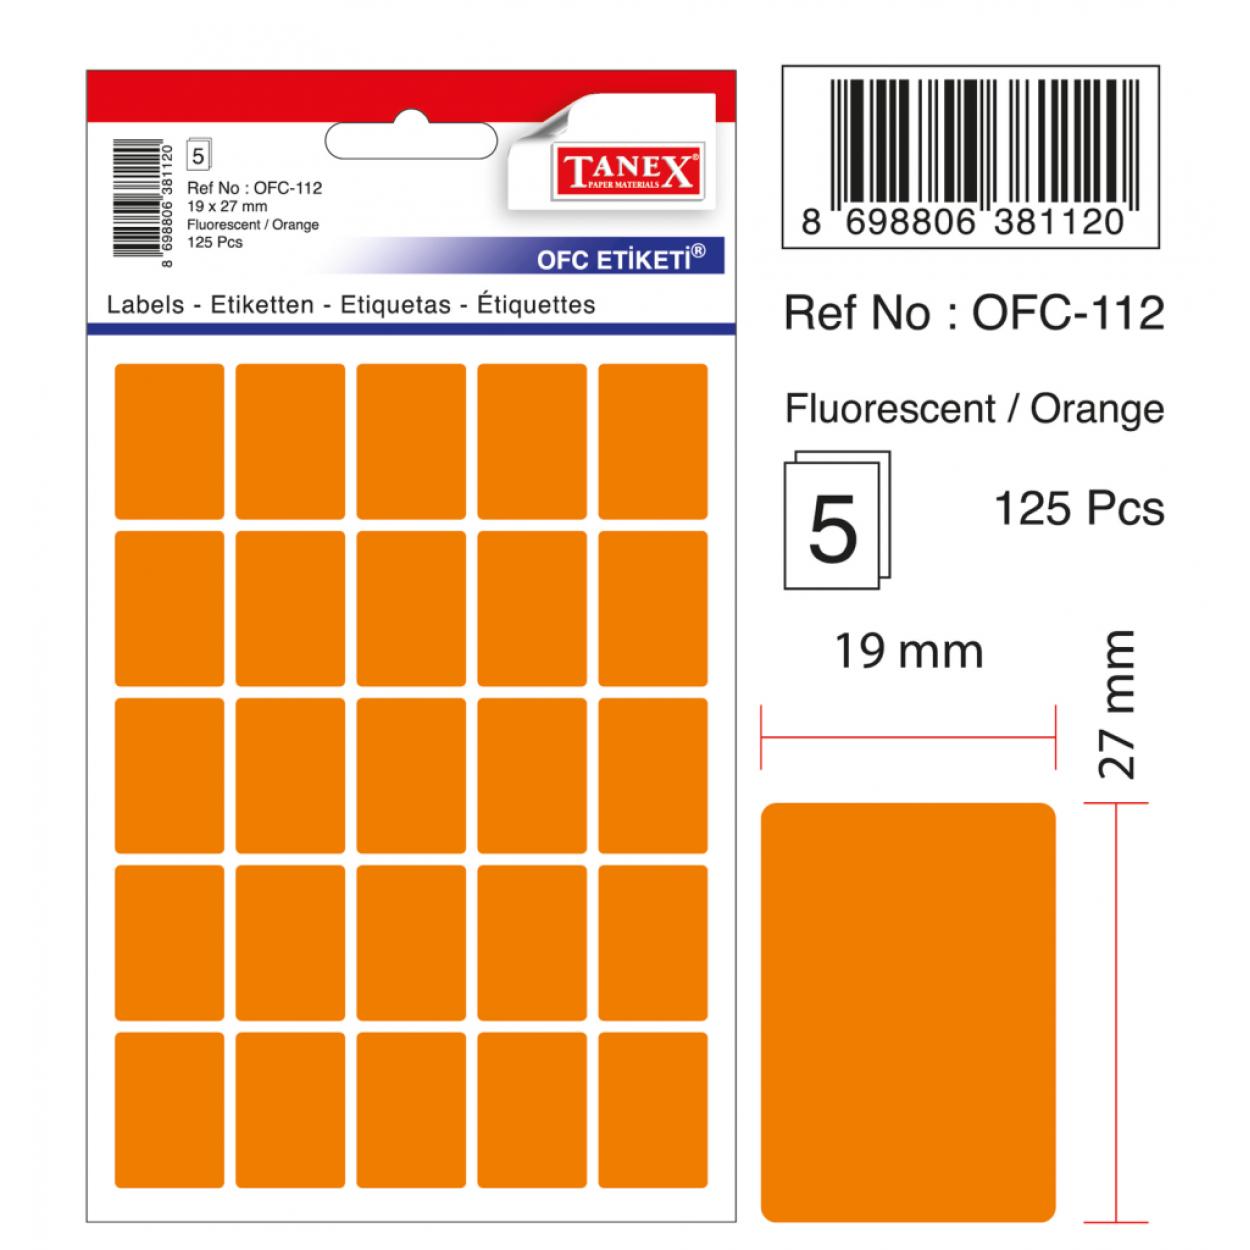 Tanex Ofc-112 Flo Turuncu Ofis Etiketi